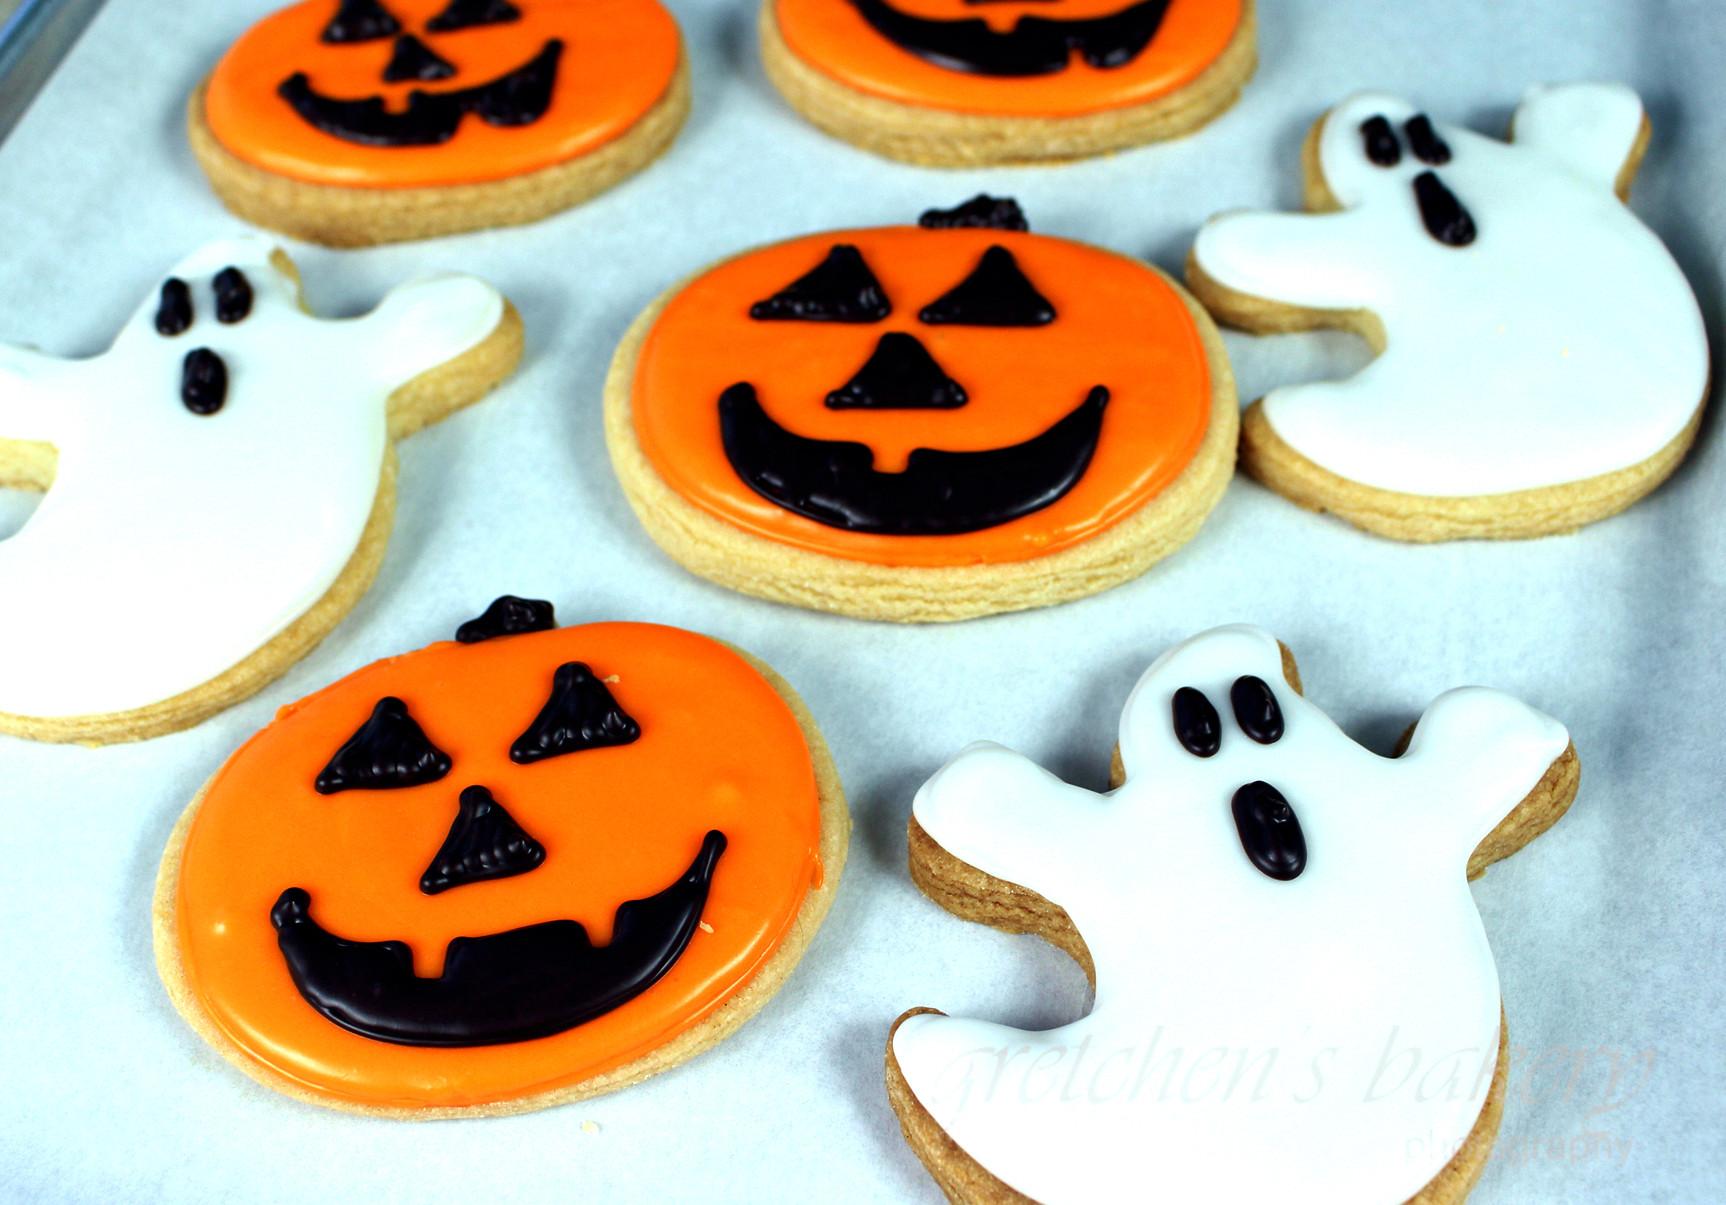 Halloween Sugar Cookies  Vegan Halloween Sugar Cookies Gretchen s Vegan Bakery